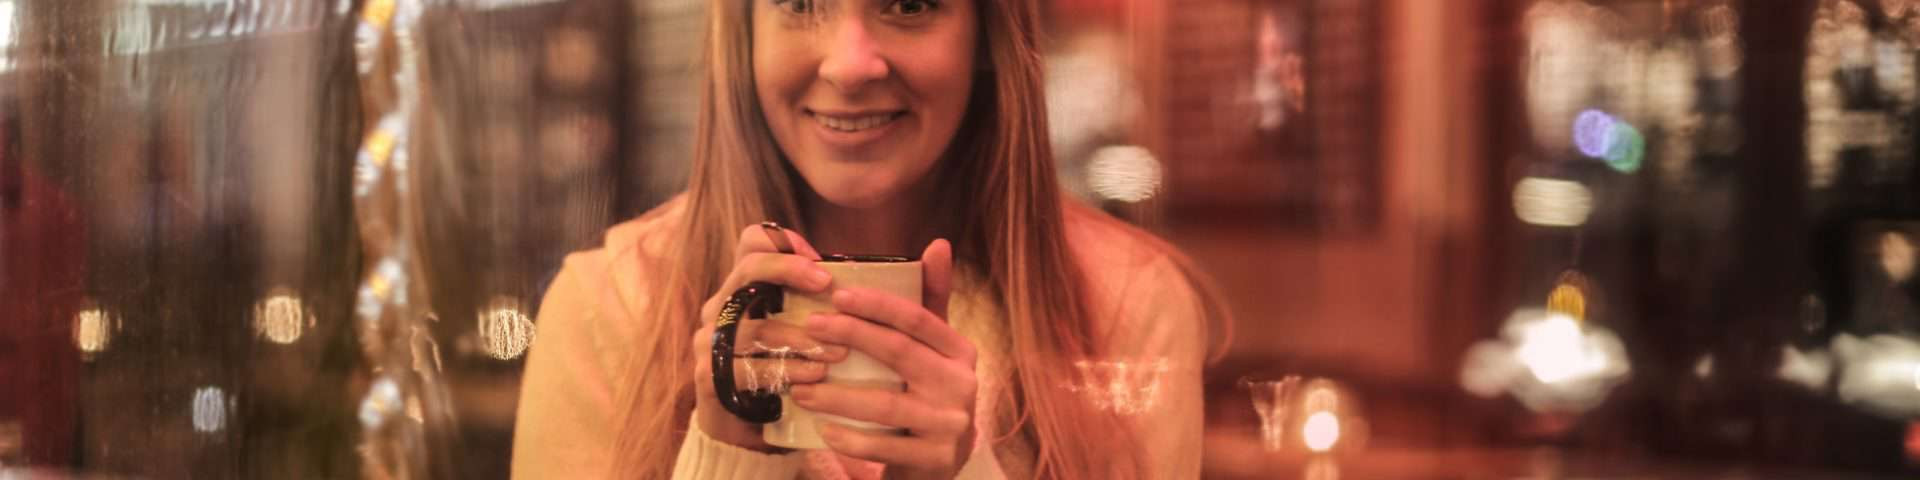 7 subtile Zeichen, dass sie ein zweites Date will